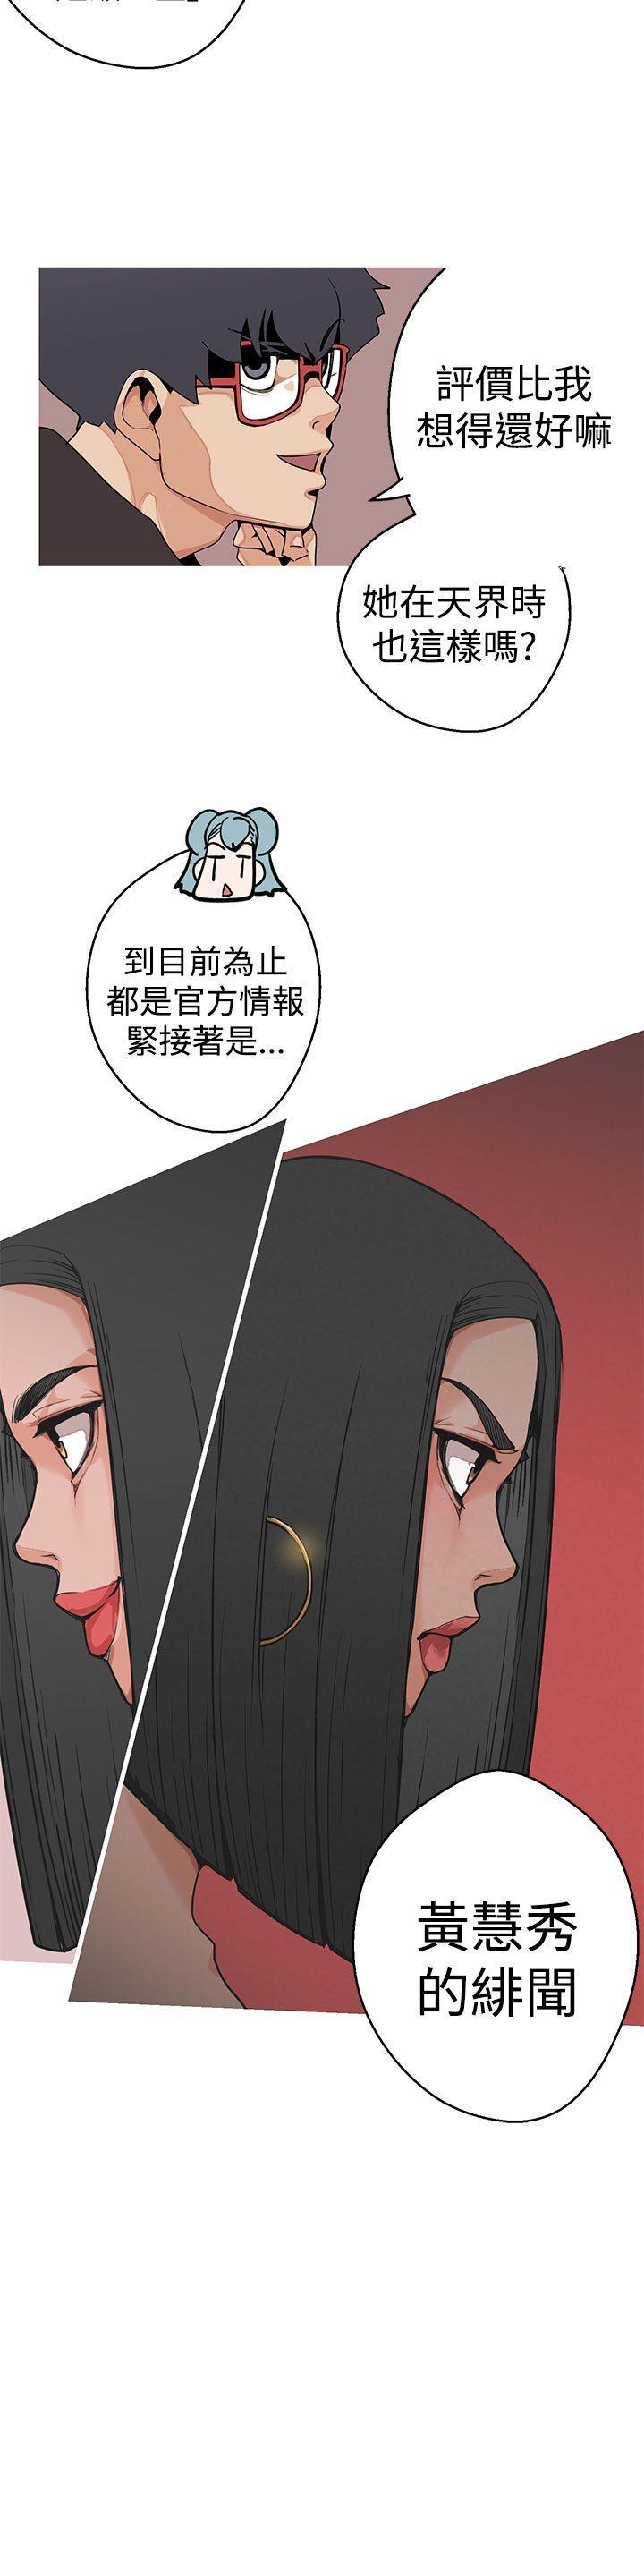 女神狩猎 第1~3話 [Chinese]中文 Harc 86